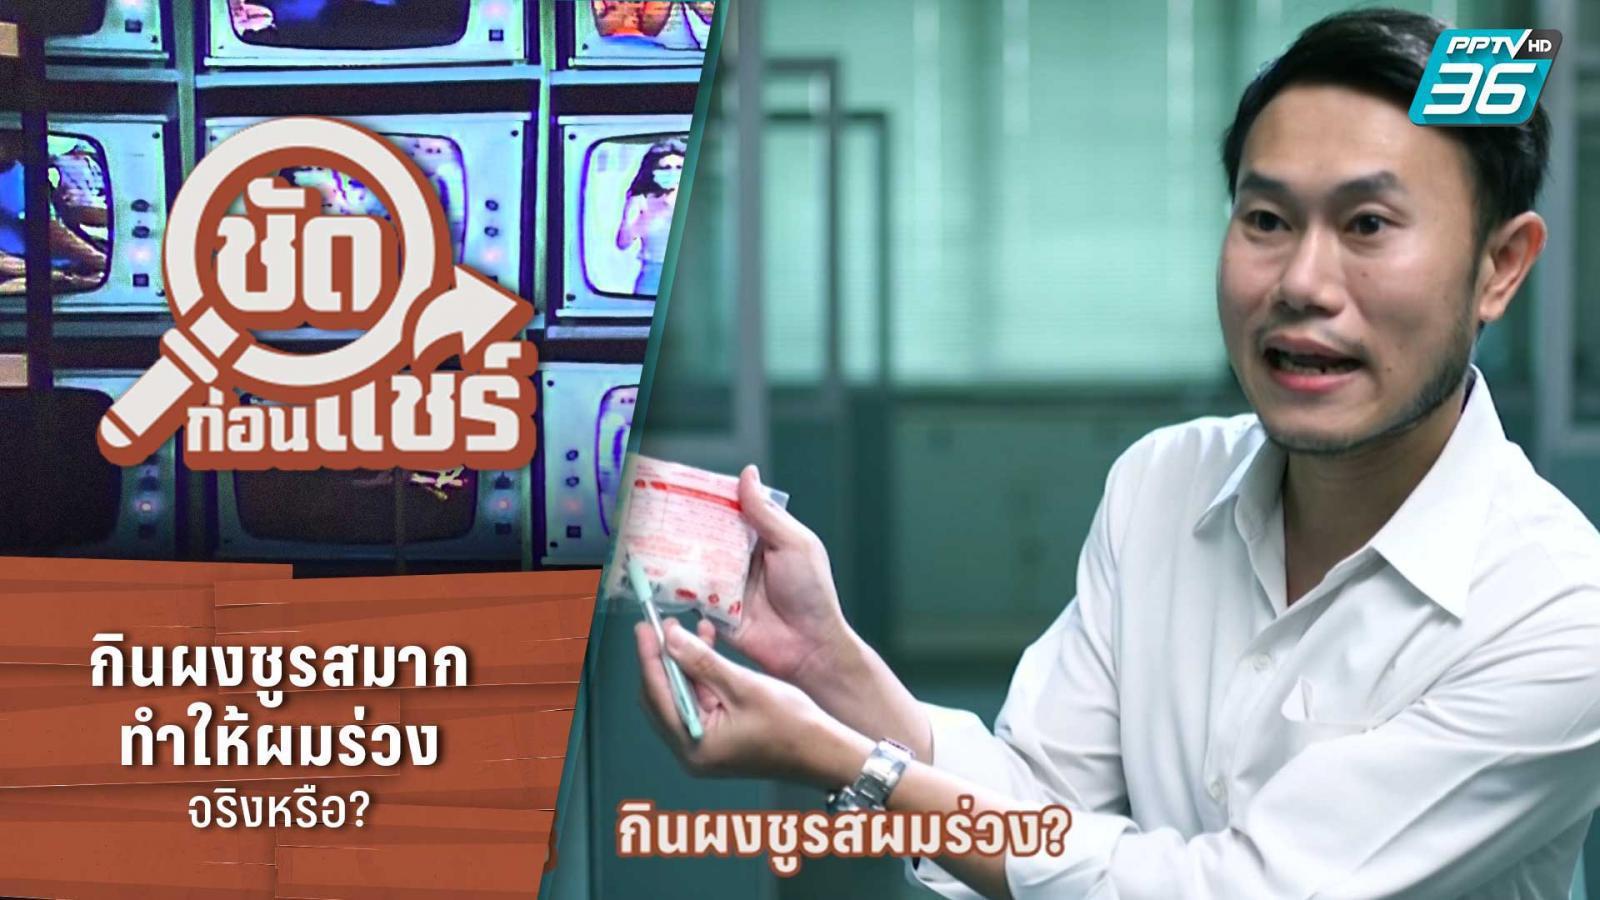 ชัดก่อนแชร์ | กินผงชูรสมากทำให้ผมร่วง จริงหรือ? | PPTV HD 36